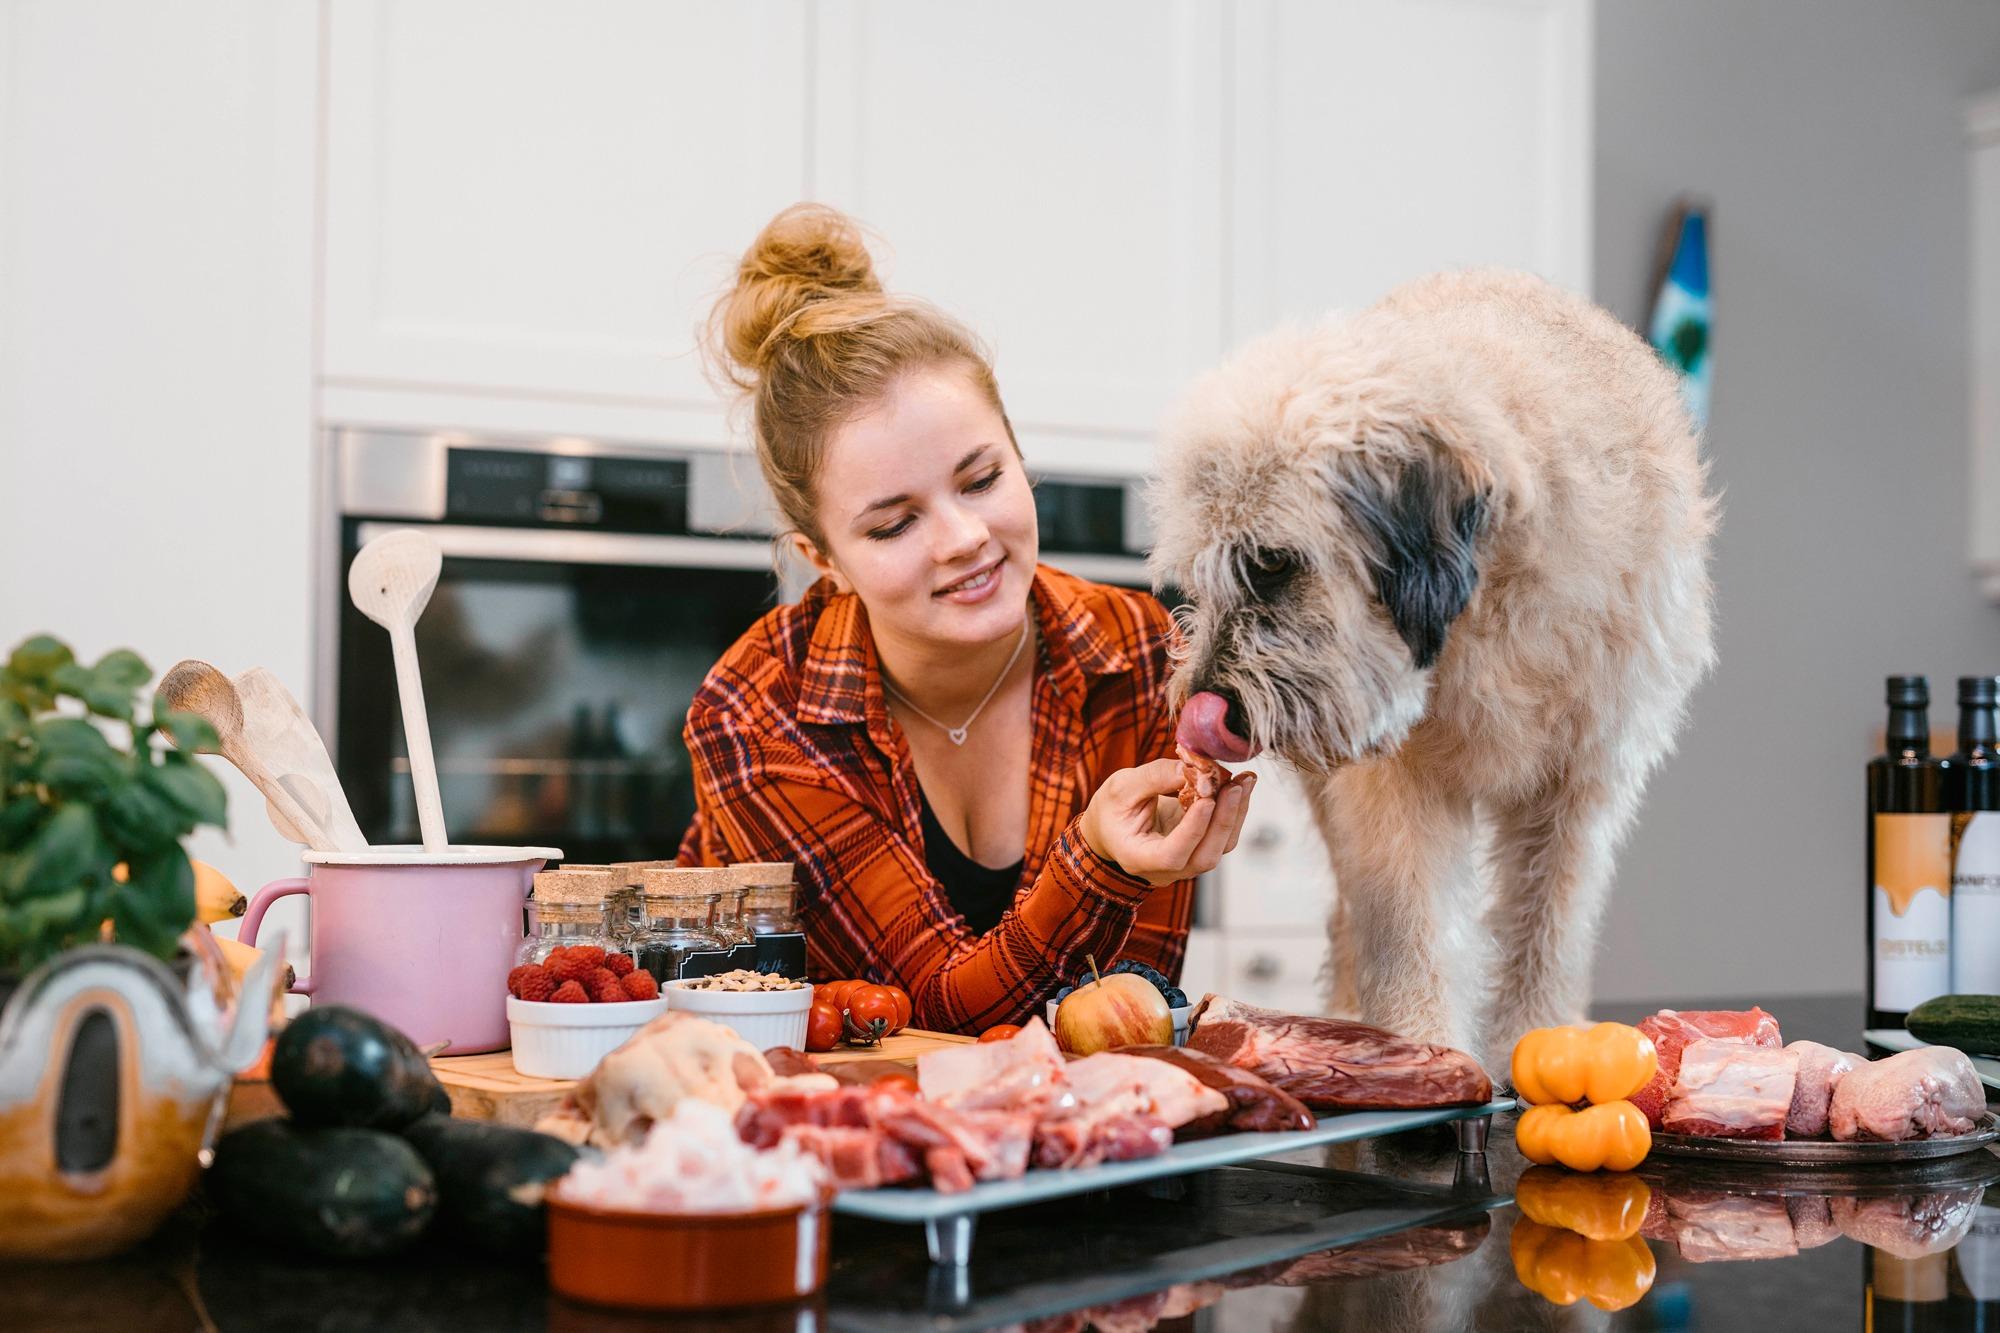 Mach deine Leidenschaft zum Beruf und werde Hundeernaehrungsberater